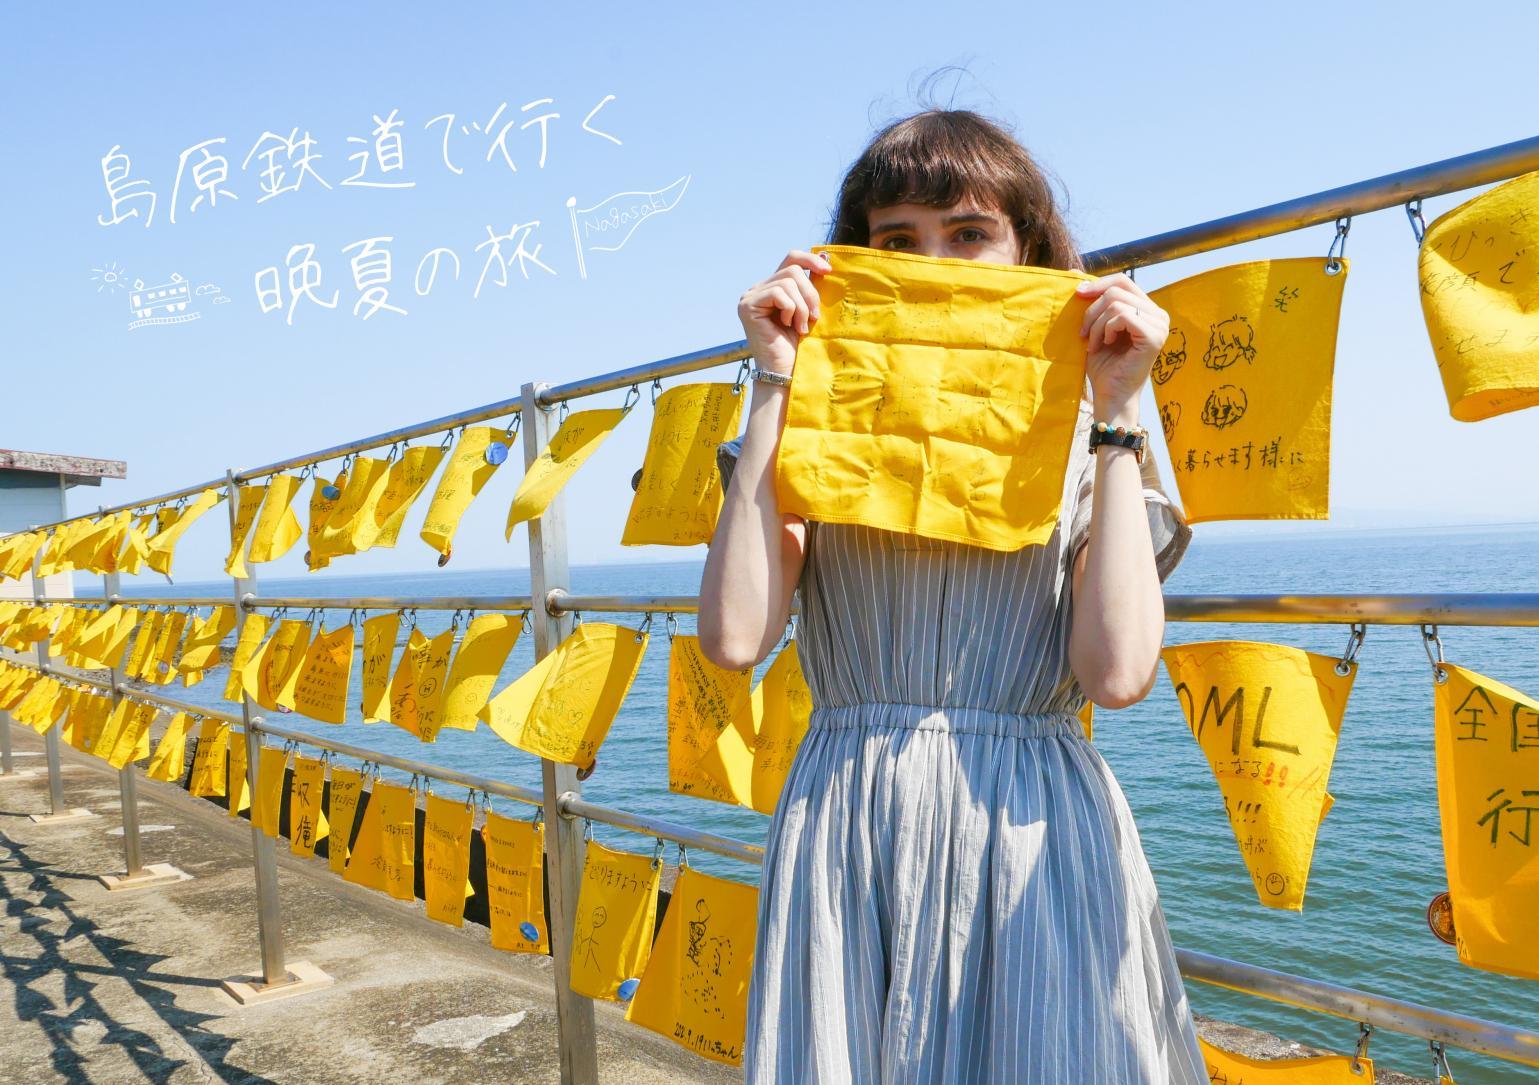 黄色い列車に乗って青い海へ!-島原鉄道で行く晩夏の旅--1